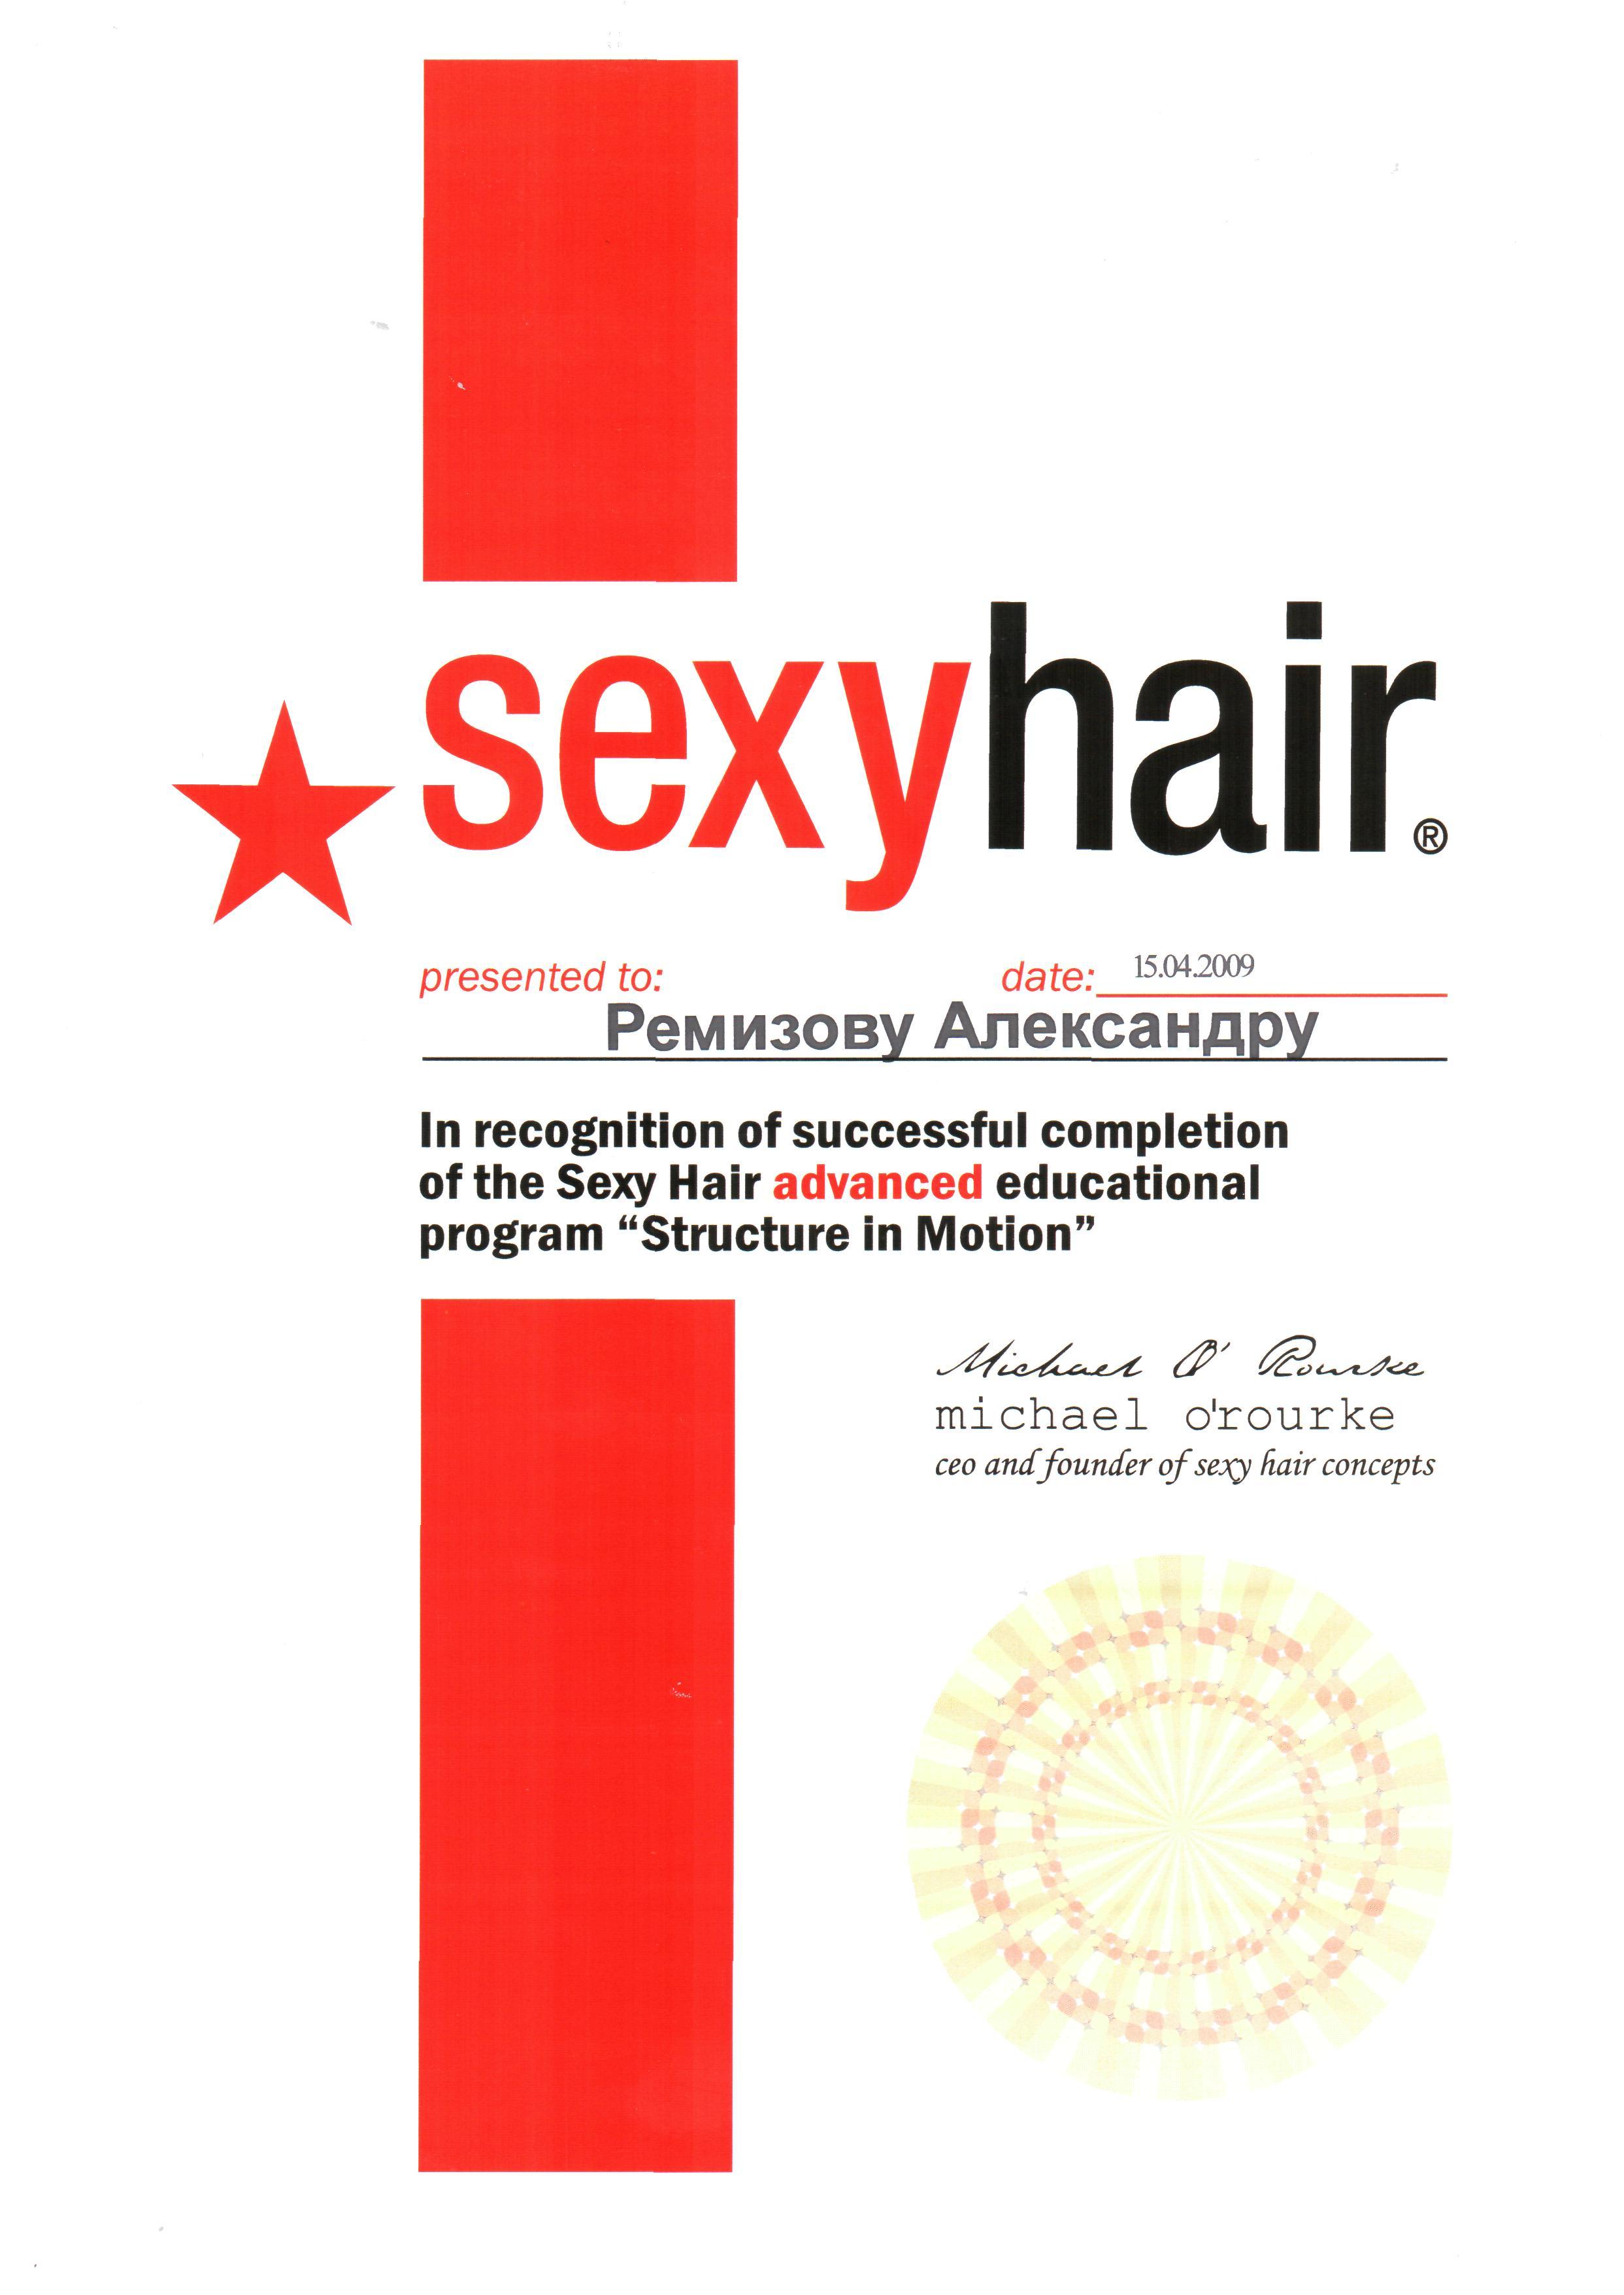 2009 sexy hair (2)